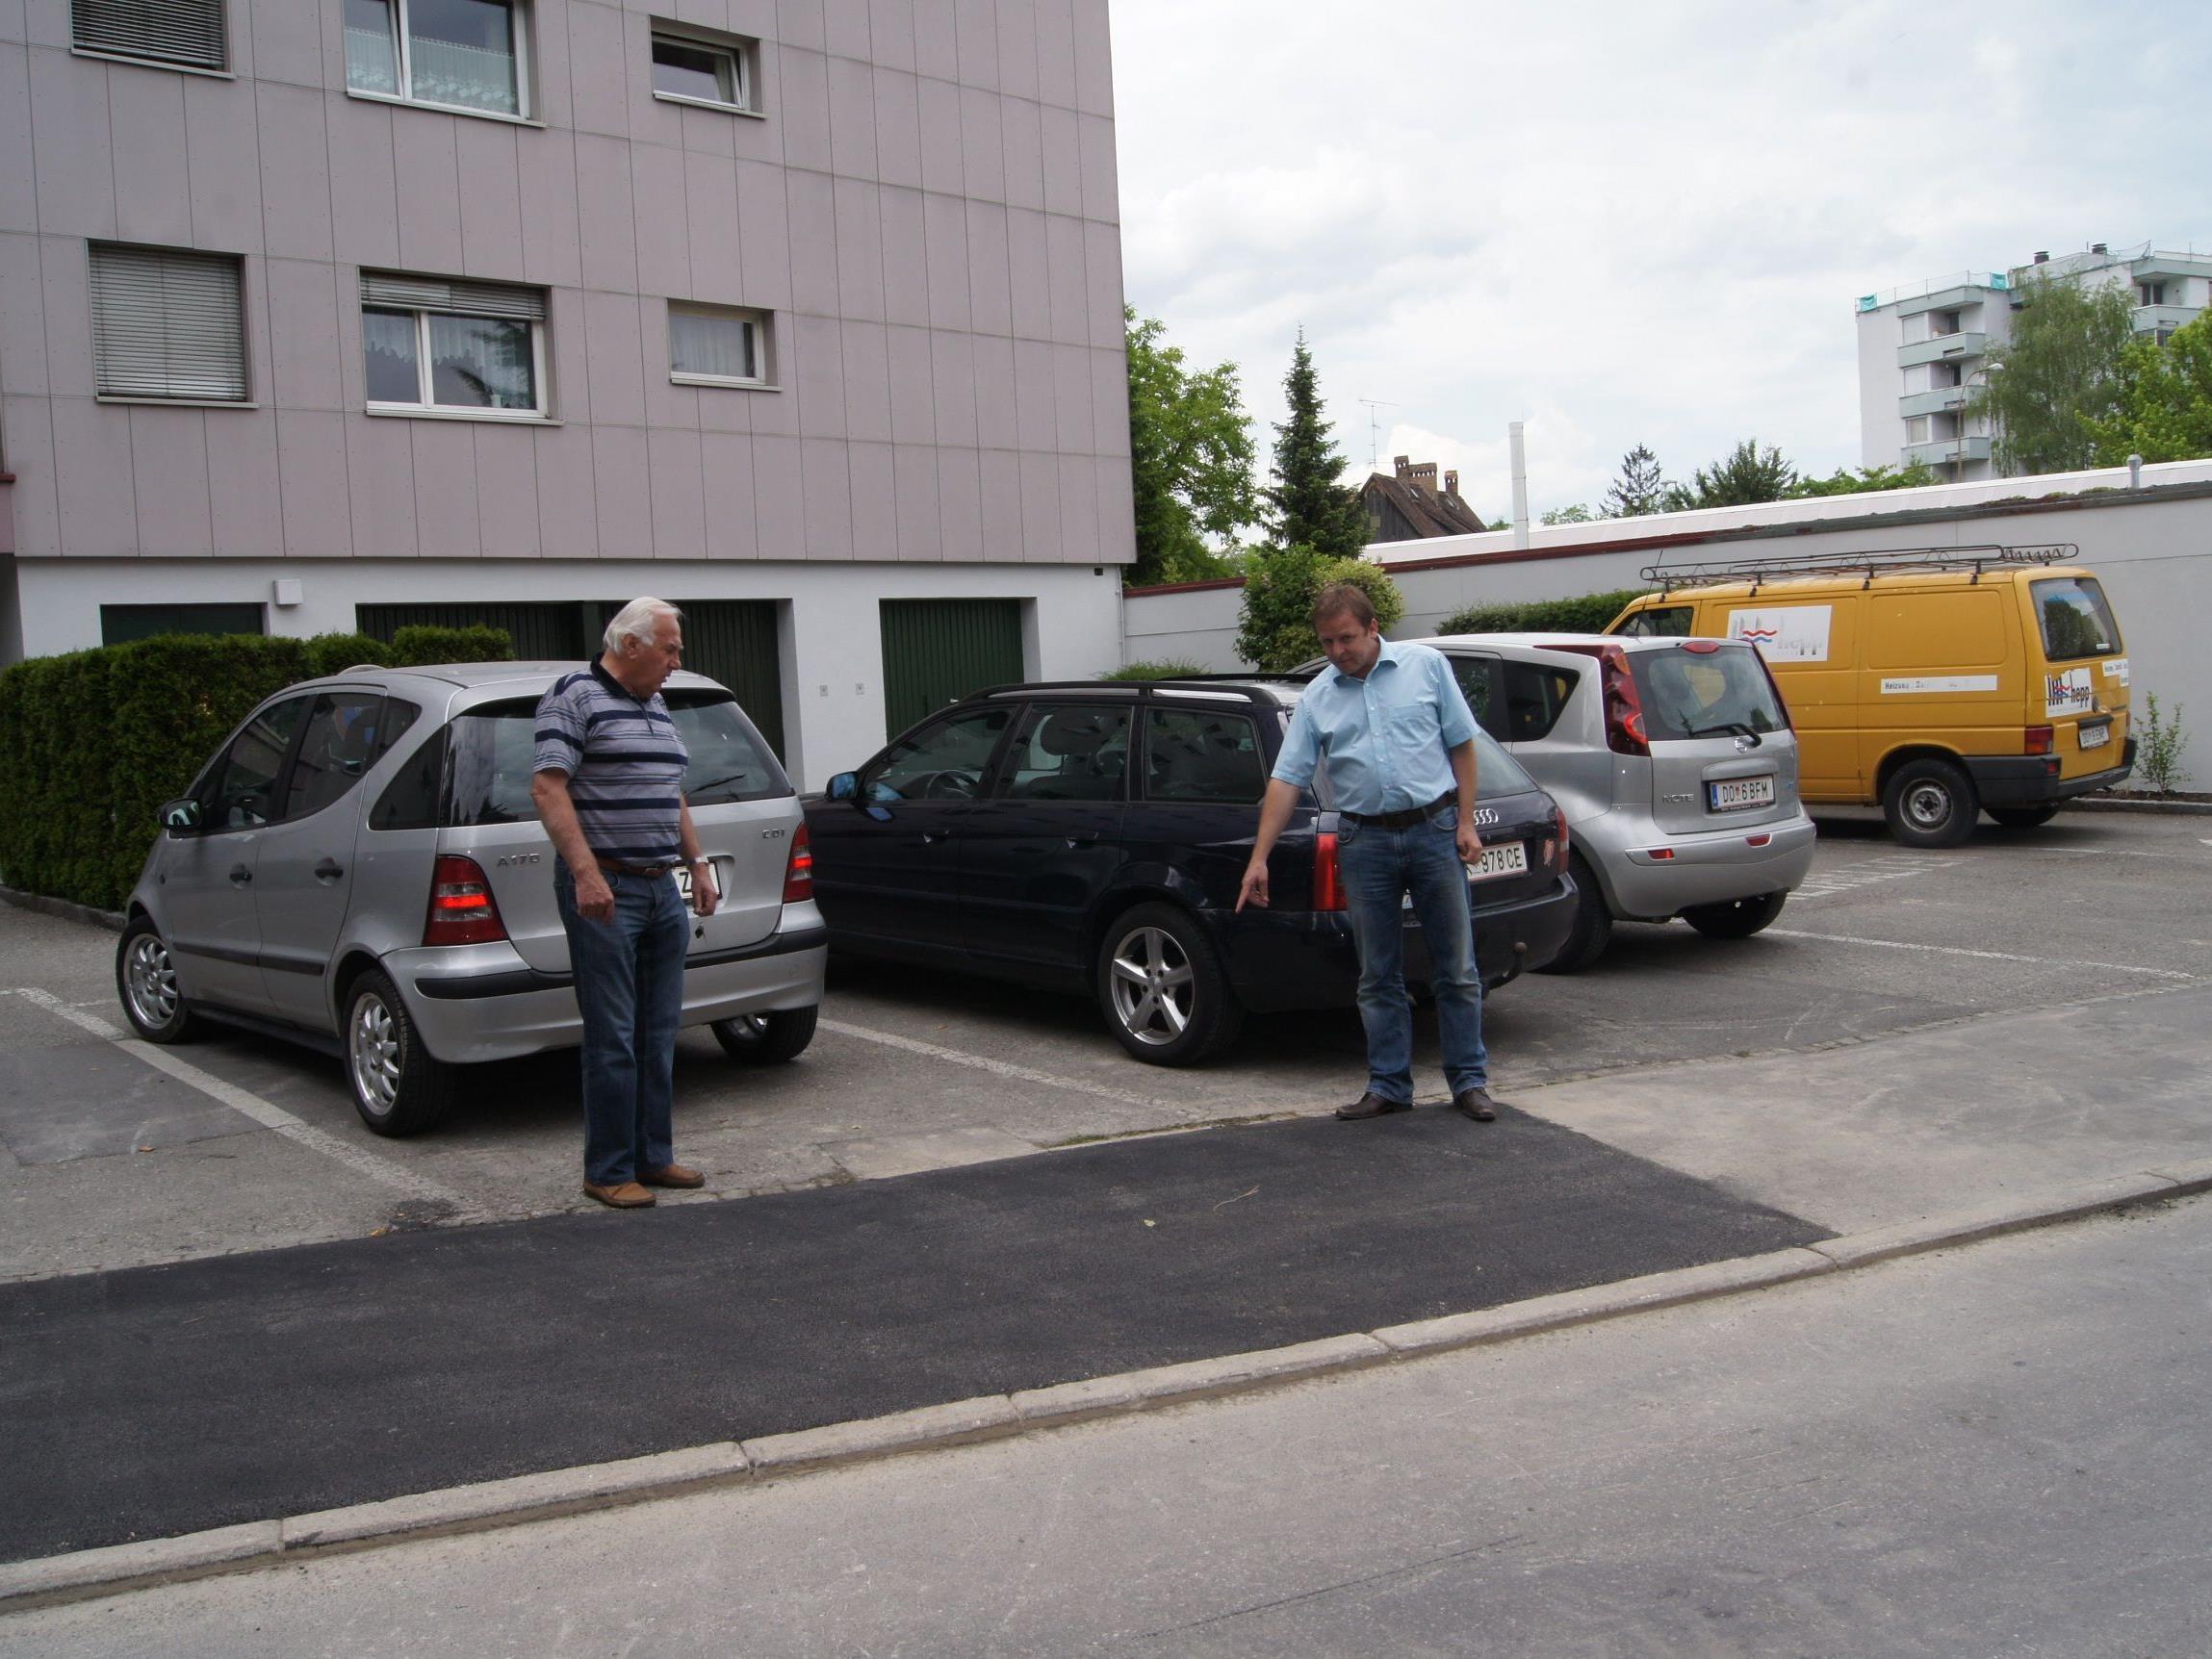 Eine schlecht platzierte Straßenlaterne auf dem Parkplatz des Hochhauses wurde nun versetzt.